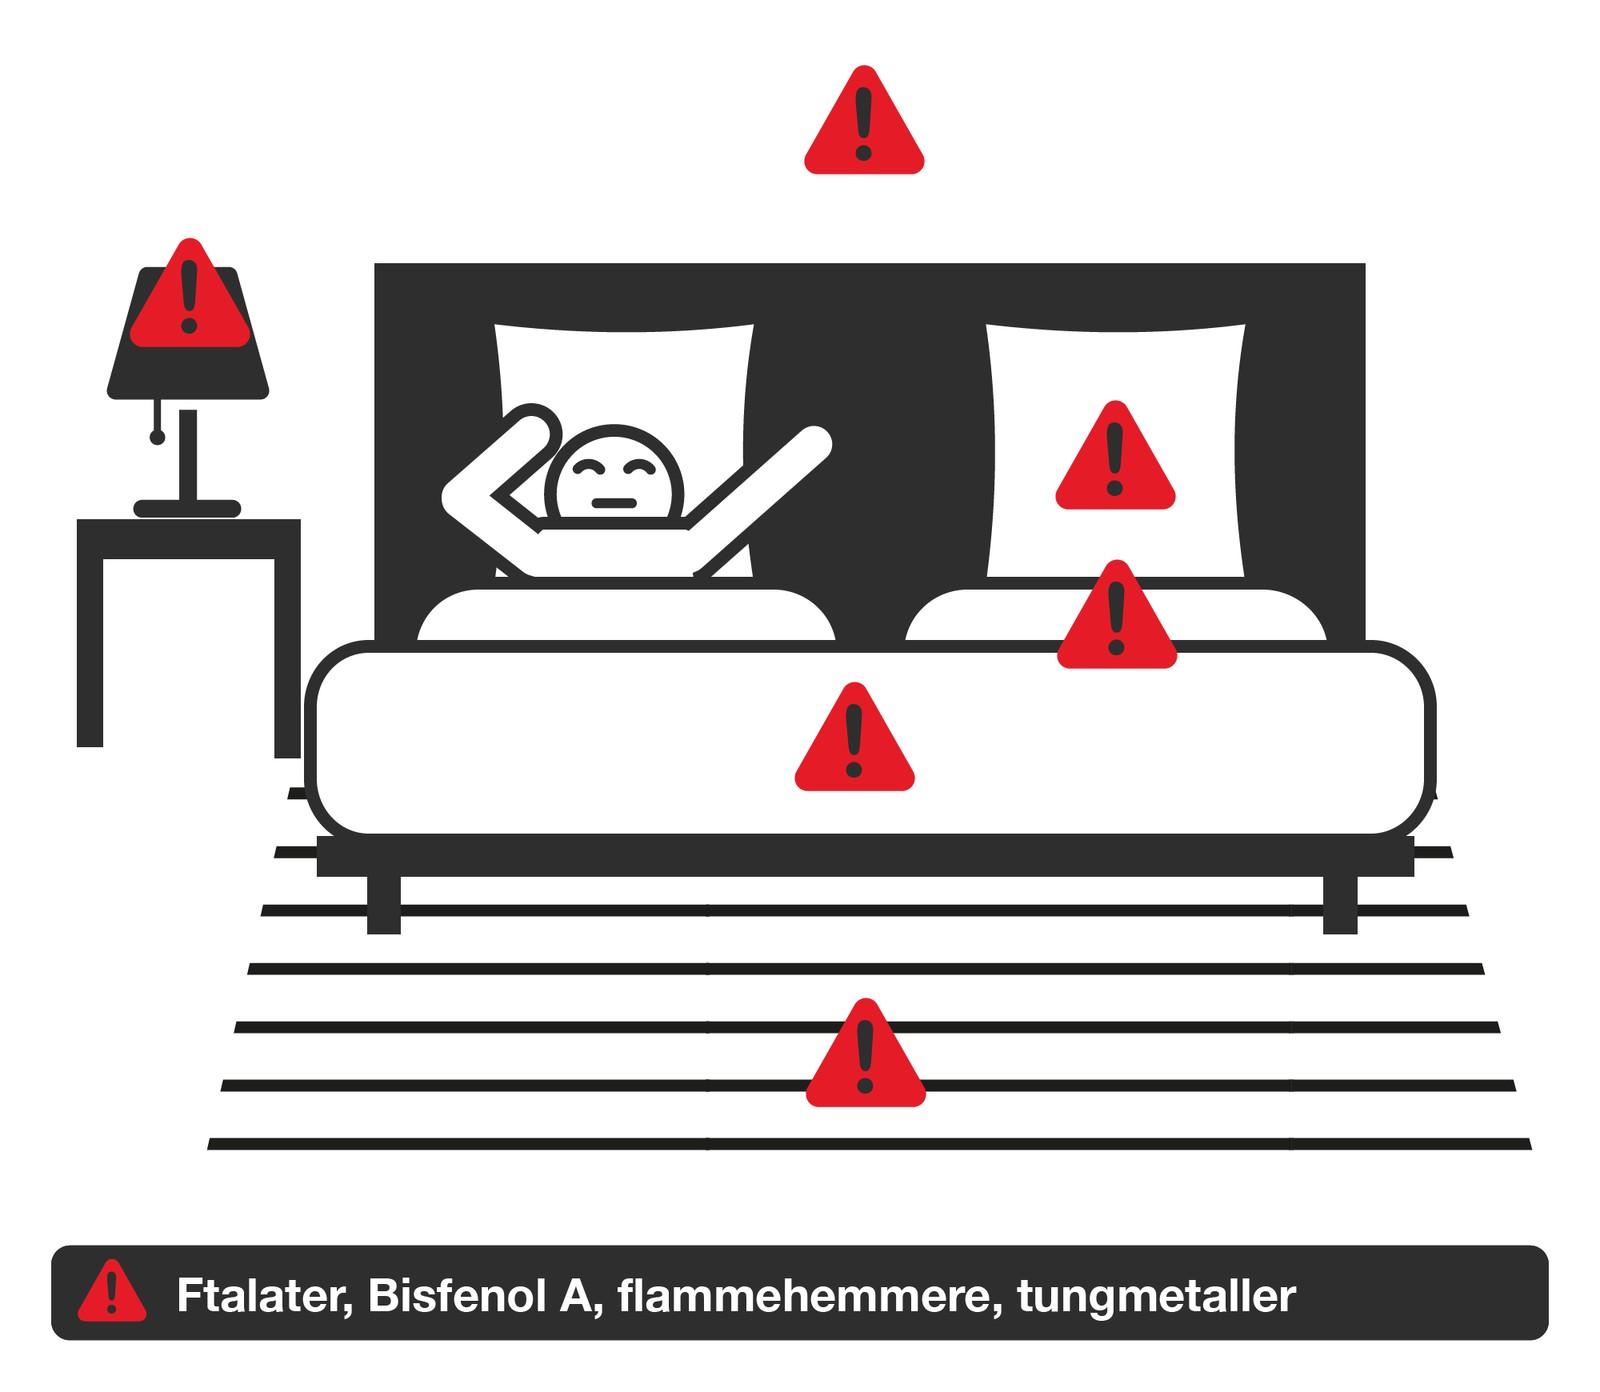 På soverommet kan det være ftalater, bisfenol A, bromerte flammehemmere og tungmetaller. Råd: Luft godt før du legger deg og vask nytt sengetøy før du tar det i bruk.